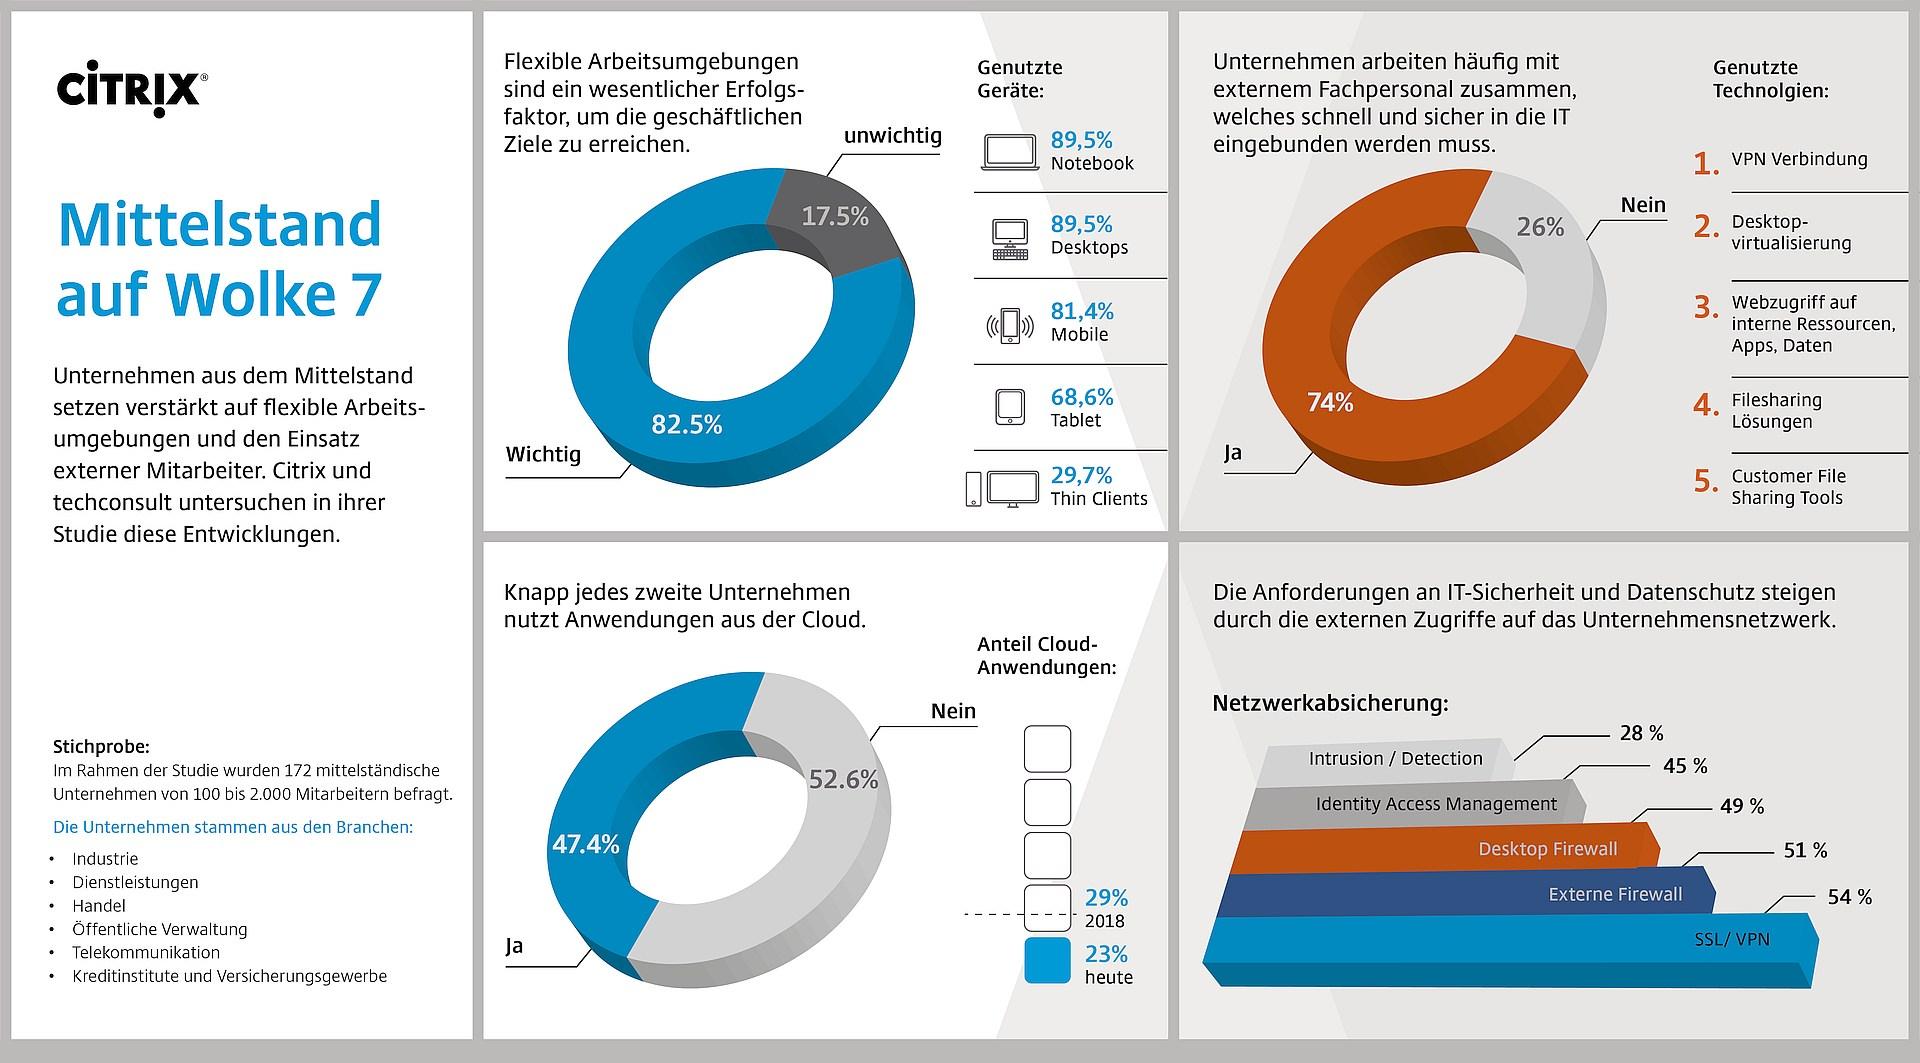 infografik-citrix-mittelstand_auf_wolke_sieben